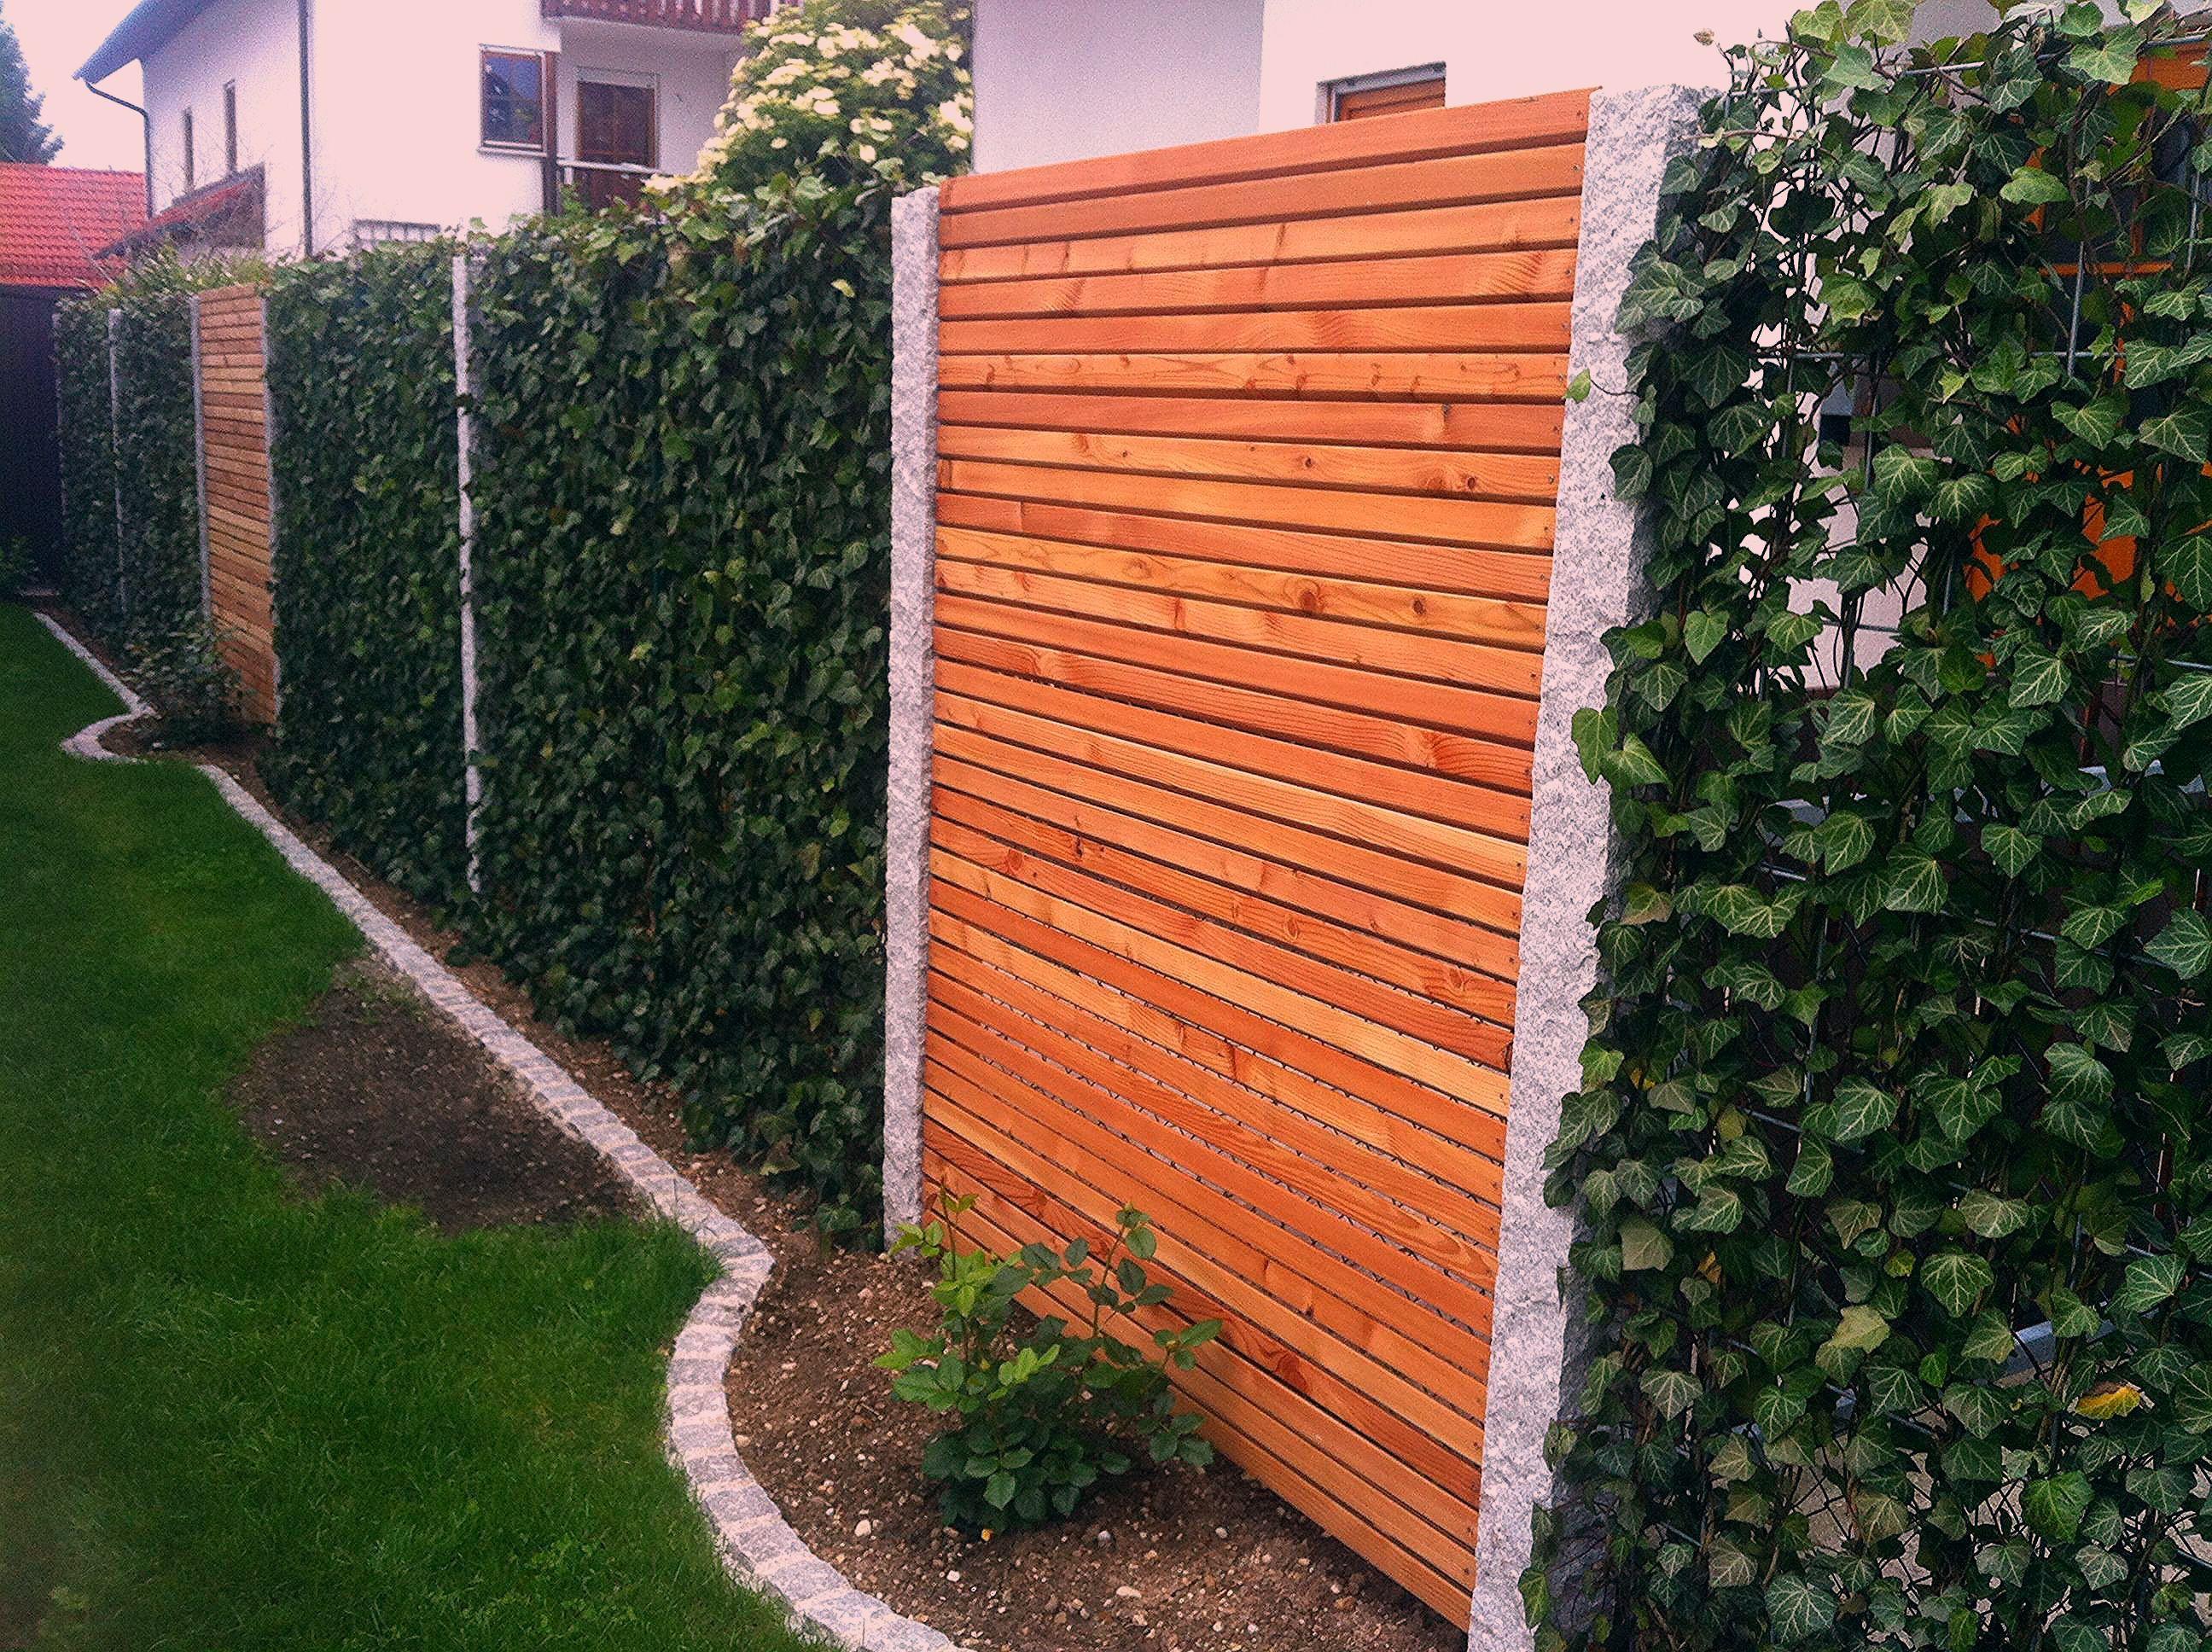 Baustelle von Garten Bronder Hecke am laufenden Meter® / Mobilane Fertighecke... - My Blog